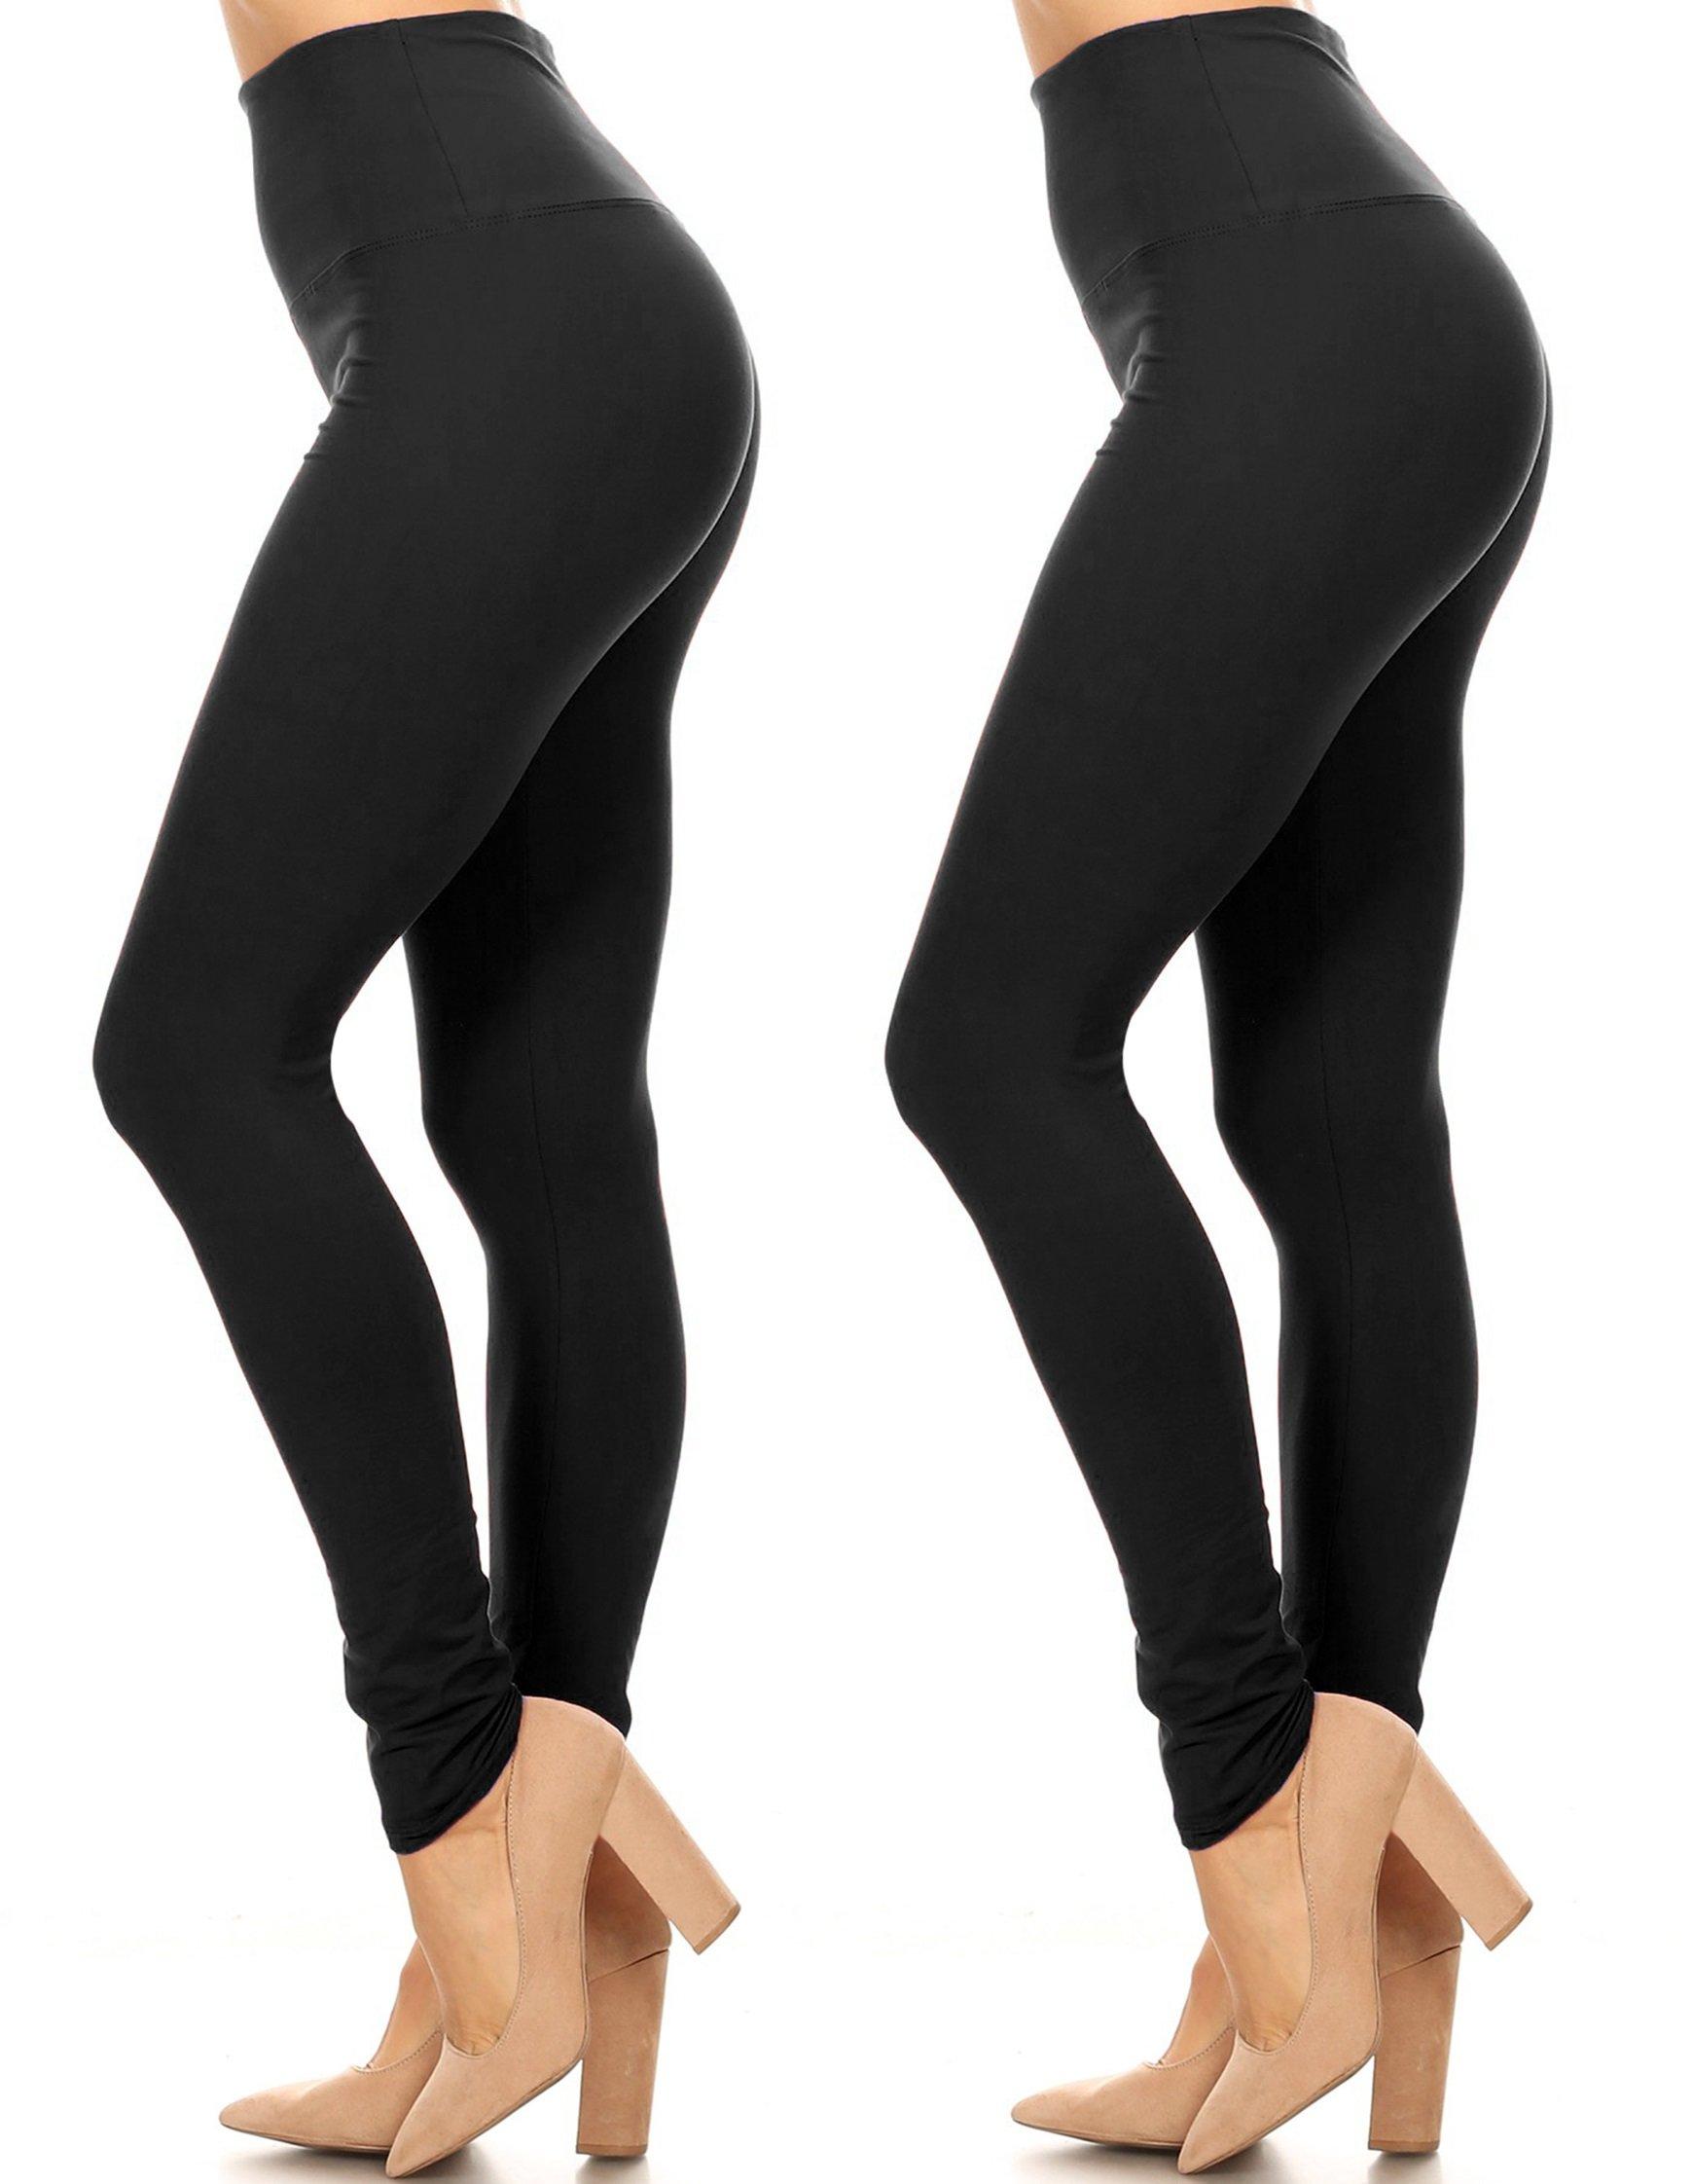 Leggings Mania 2-PK Solid Full Length Extra Wide Band Leggings Plus OneSize BlkBlk